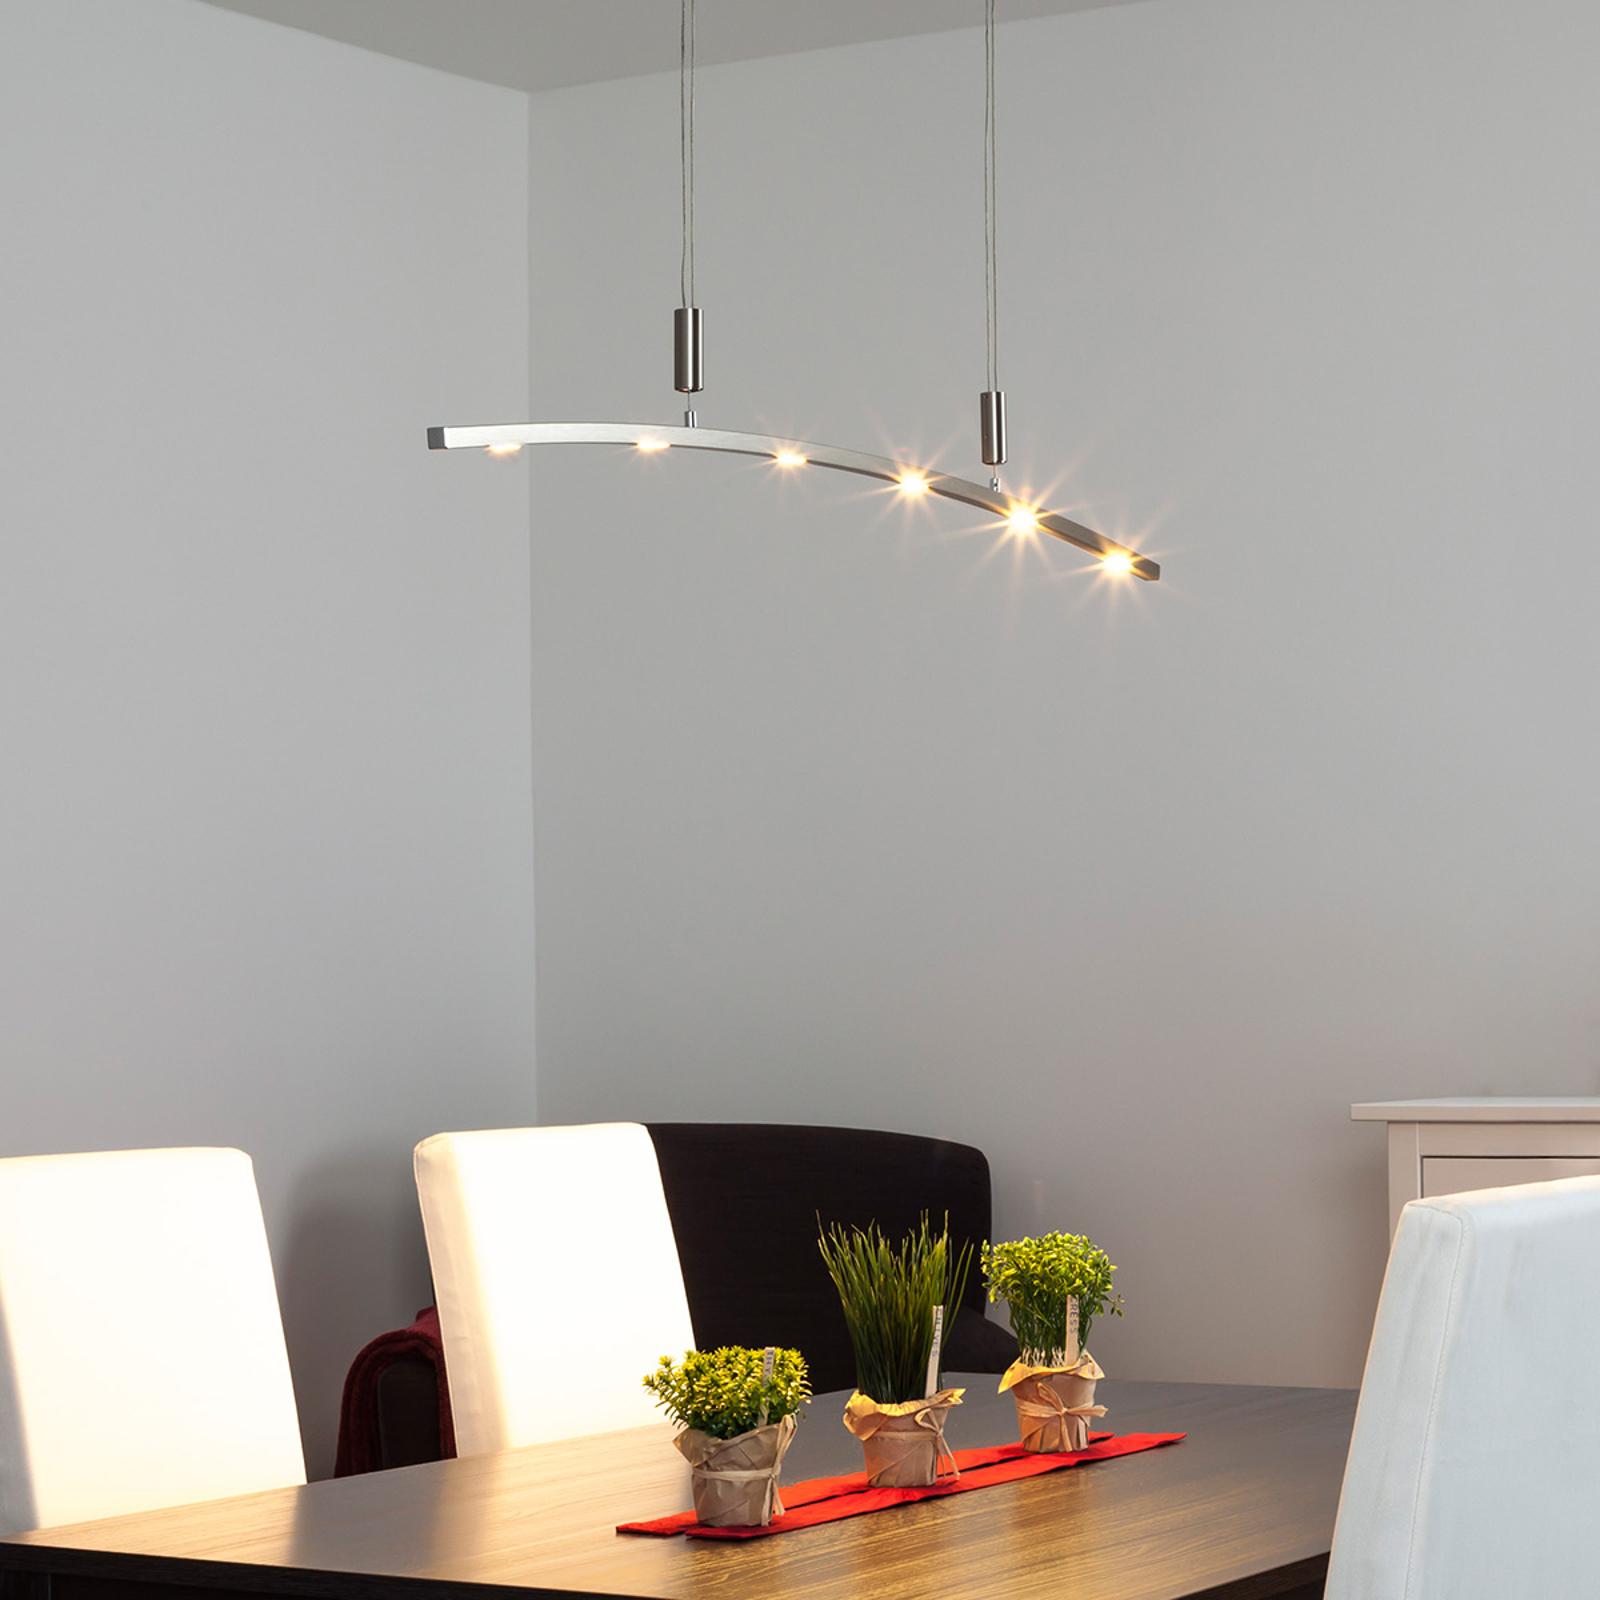 Sving LED-hengelampe Falo, høyderegulerbar.